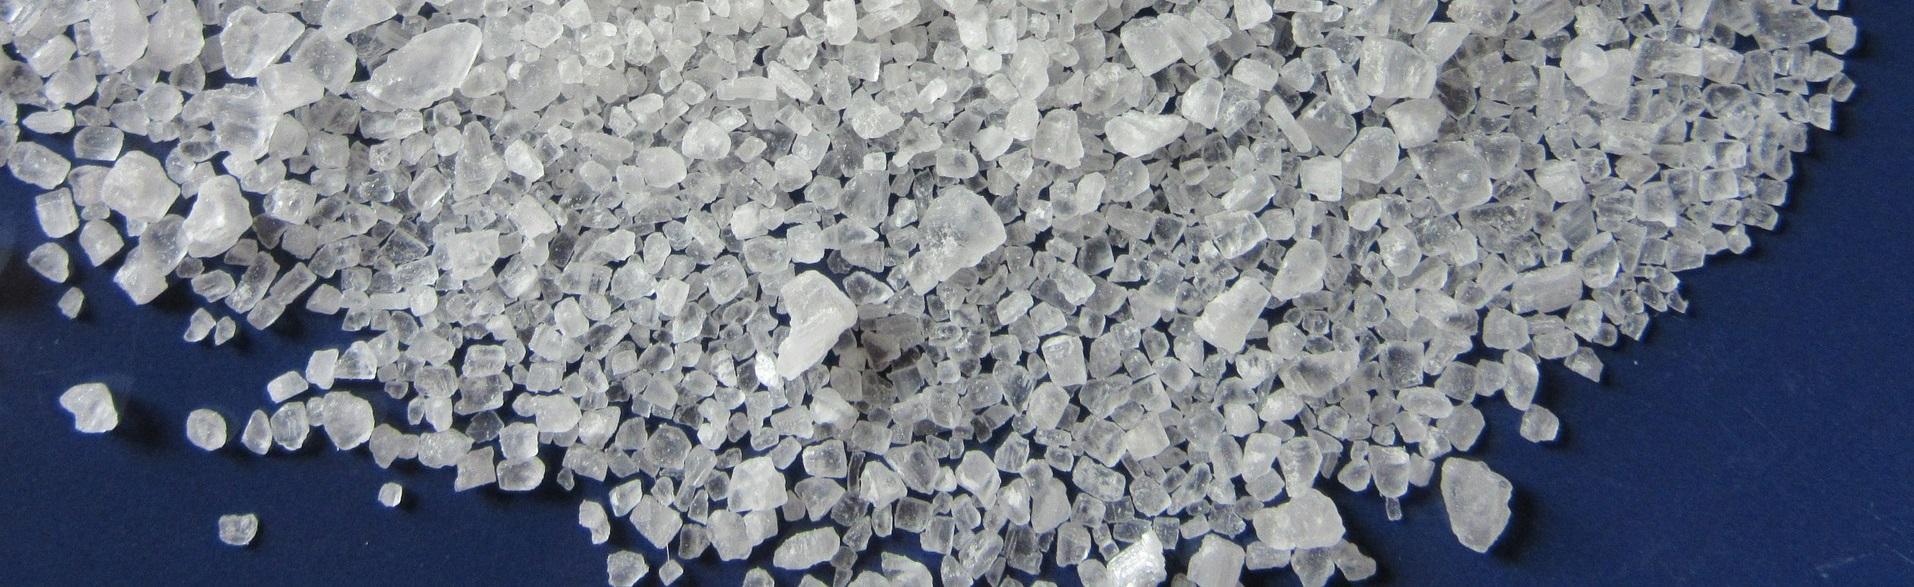 salt-602215_1920